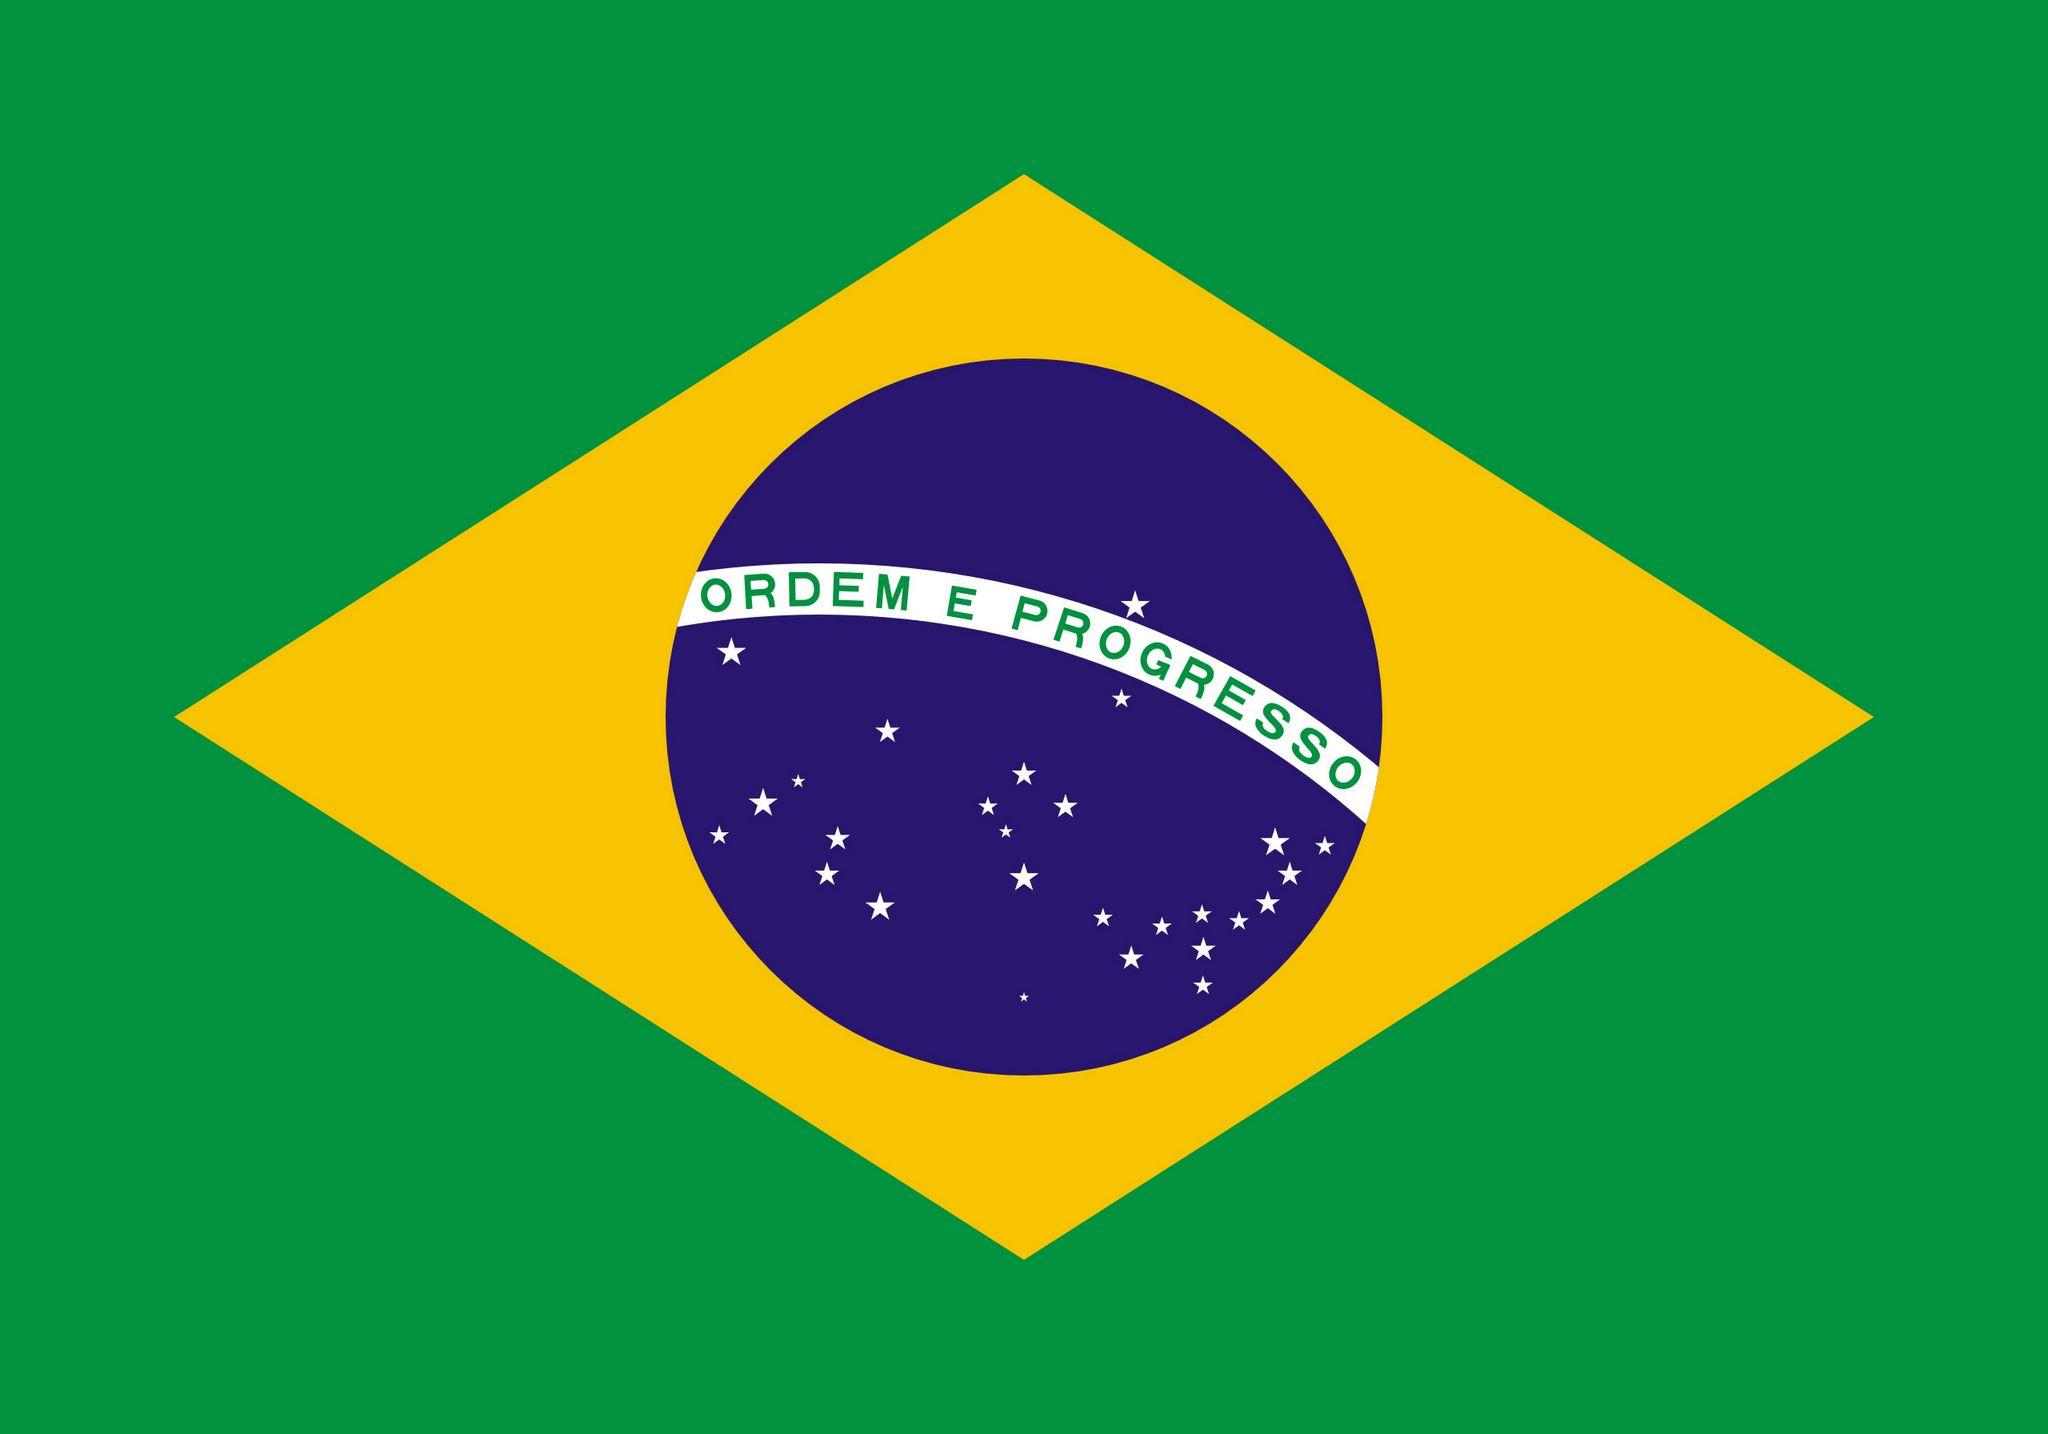 Drapeau Du Brésil, Drapeaux Du Pays Brésil concernant Drapeaux Du Monde À Imprimer